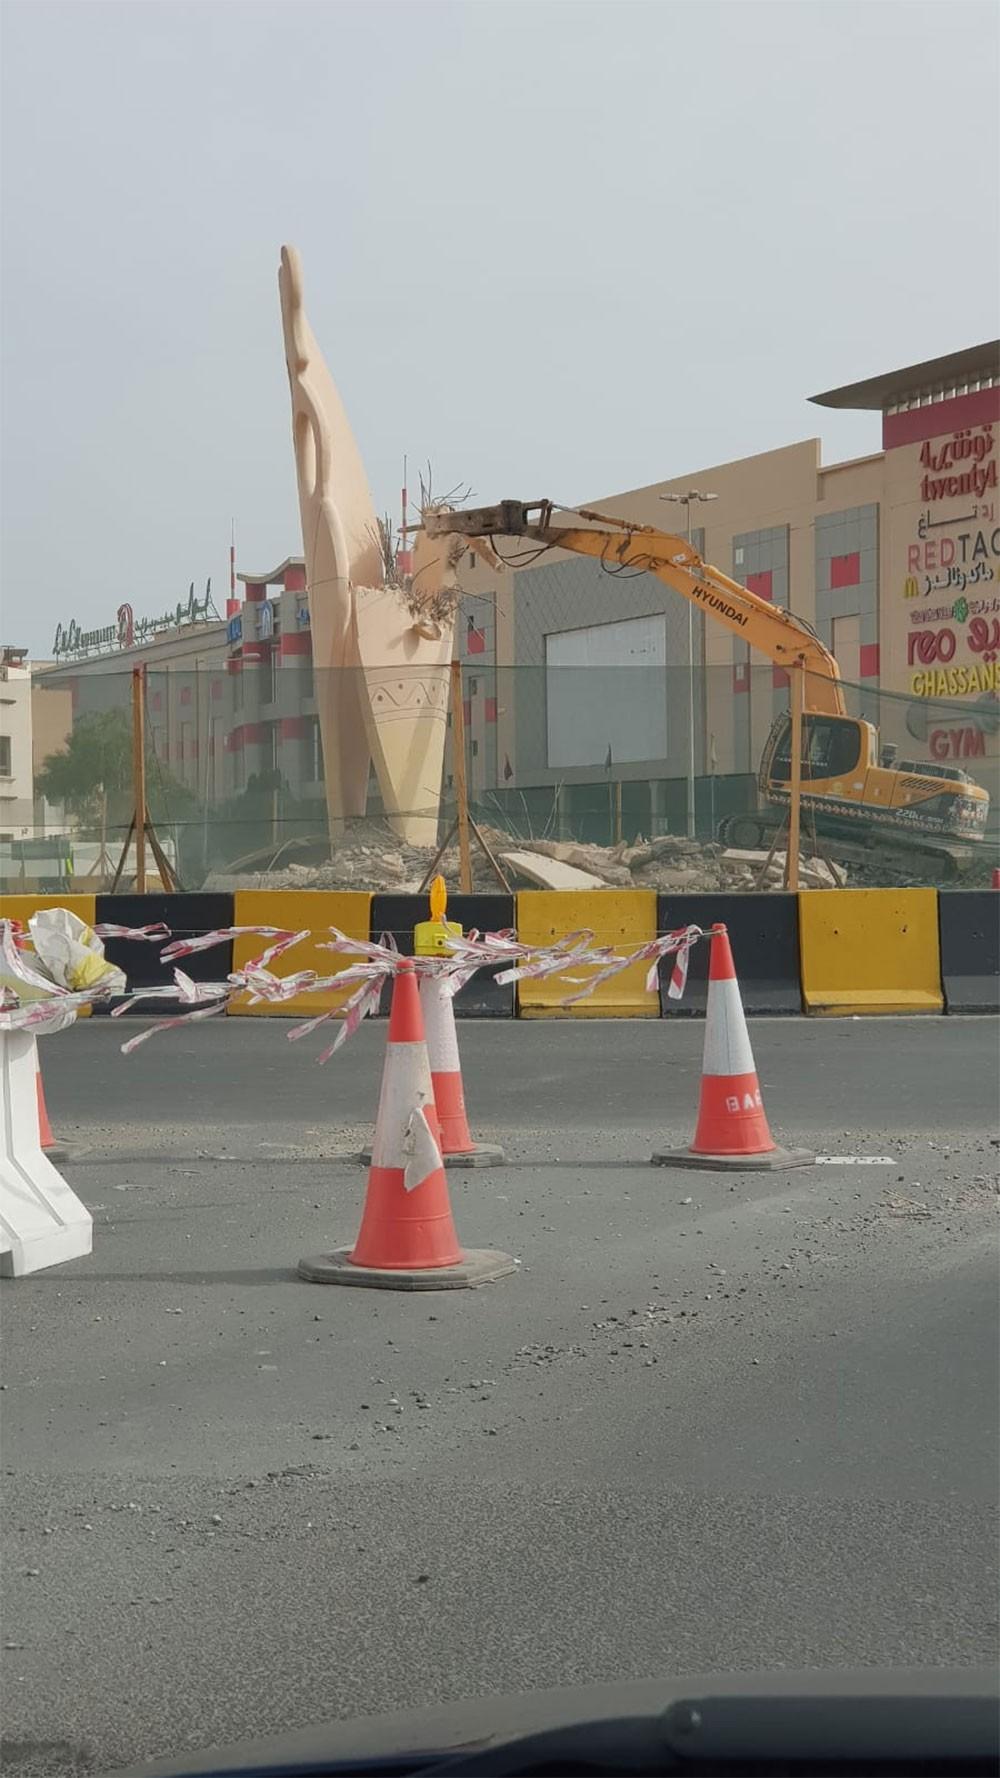 وزارة الأشغال: إزالة نصب الفخار في عالي بحسب الأعمال المخطط لها ضمن مراحل تطوير شارع الشيخ زايد